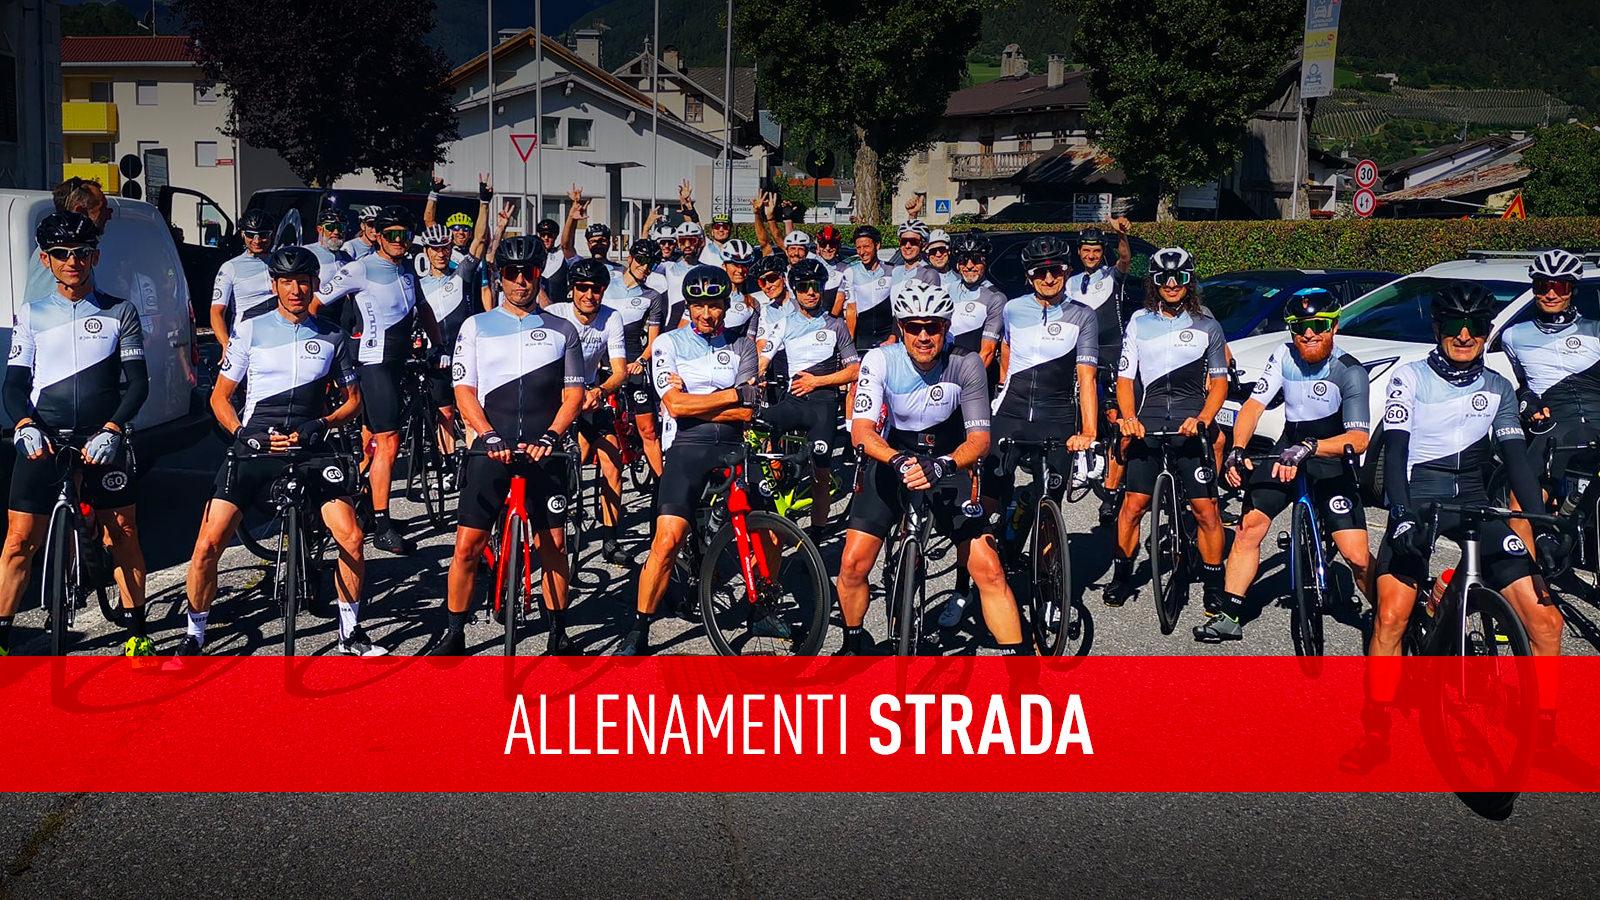 allenamento bici strada Team Sessantallora